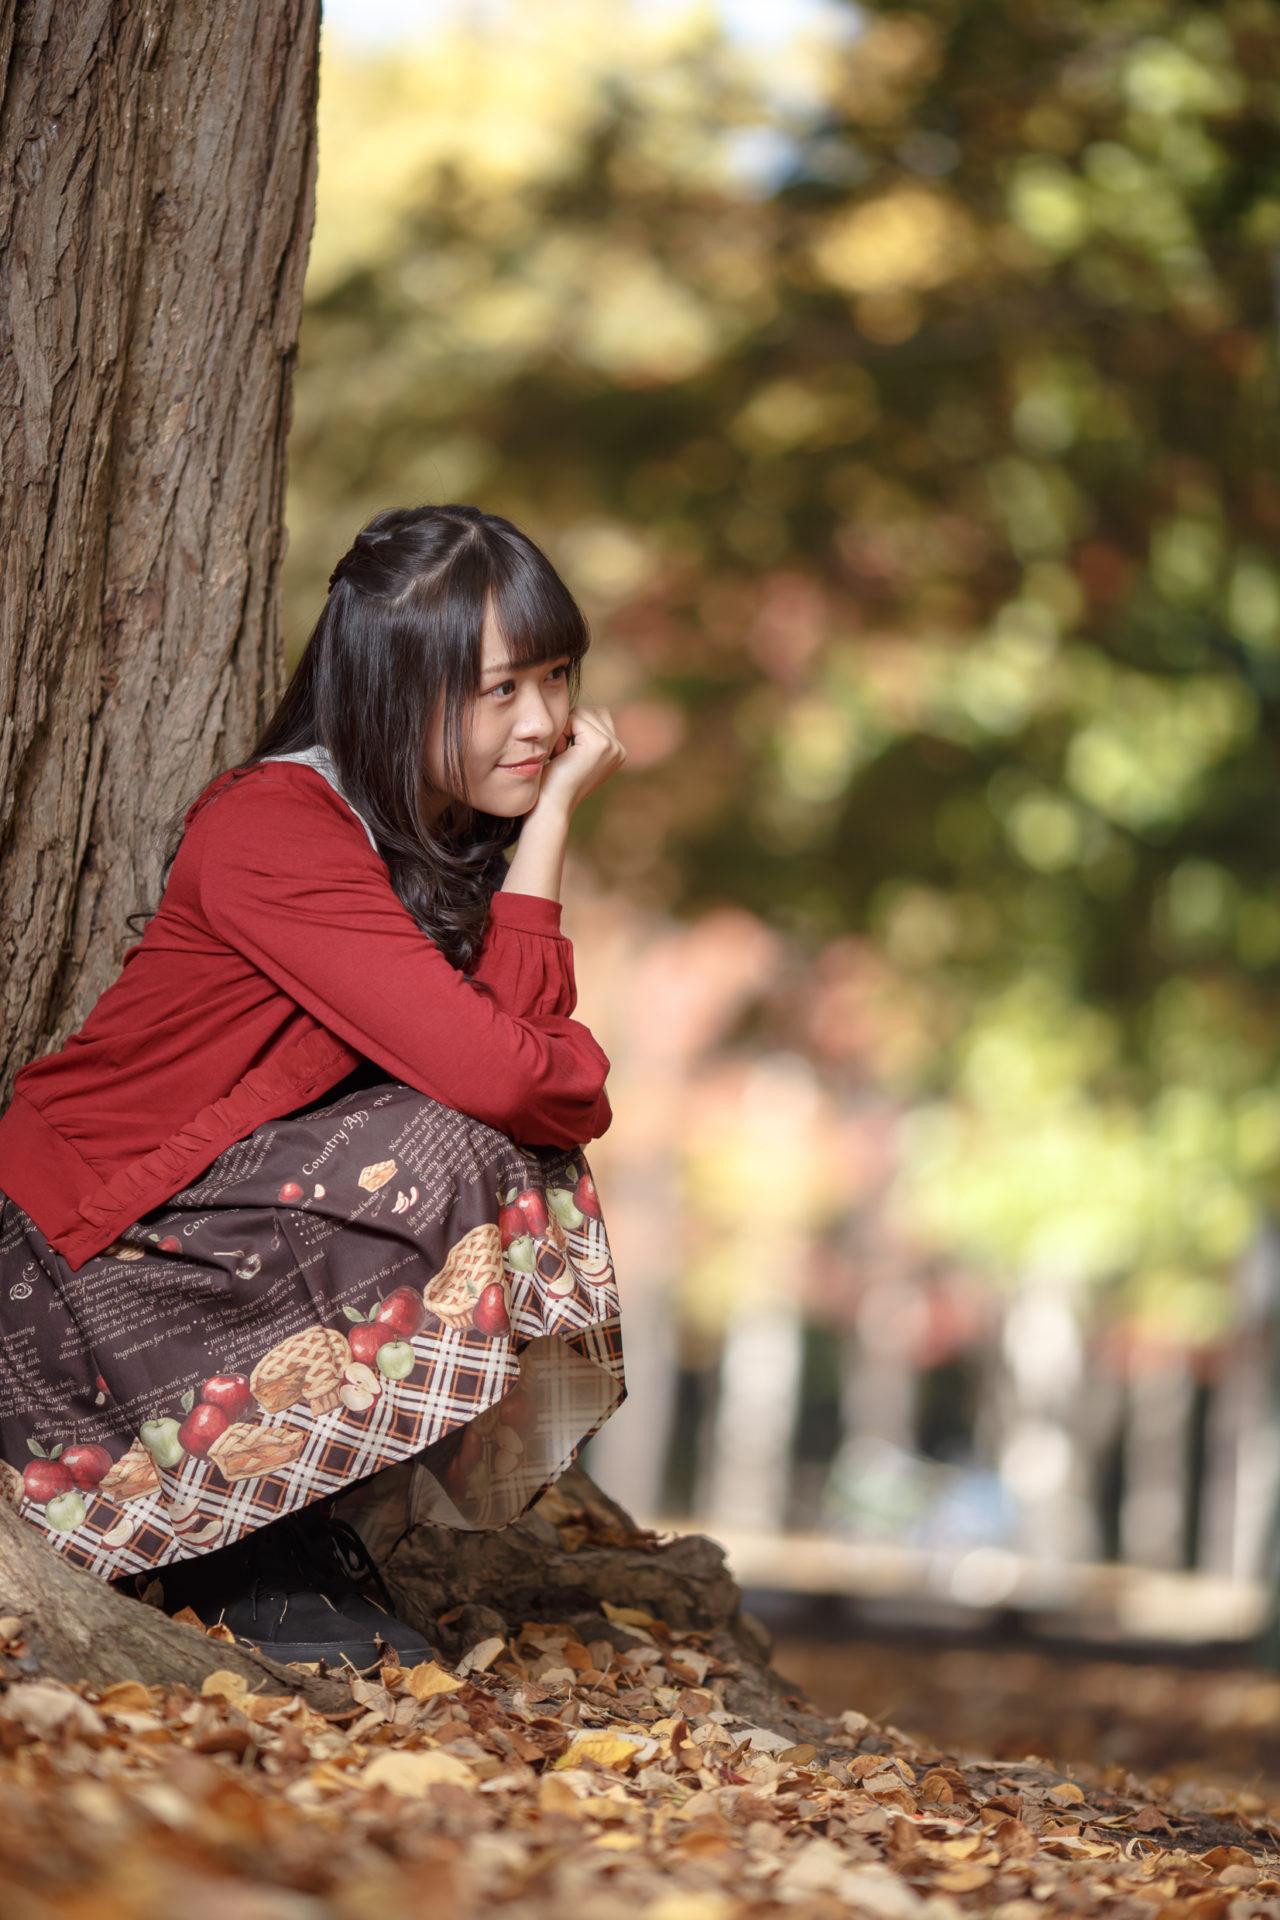 ライブプロ研修生 あいり ( 永山愛梨 ) | 円山公園撮影会